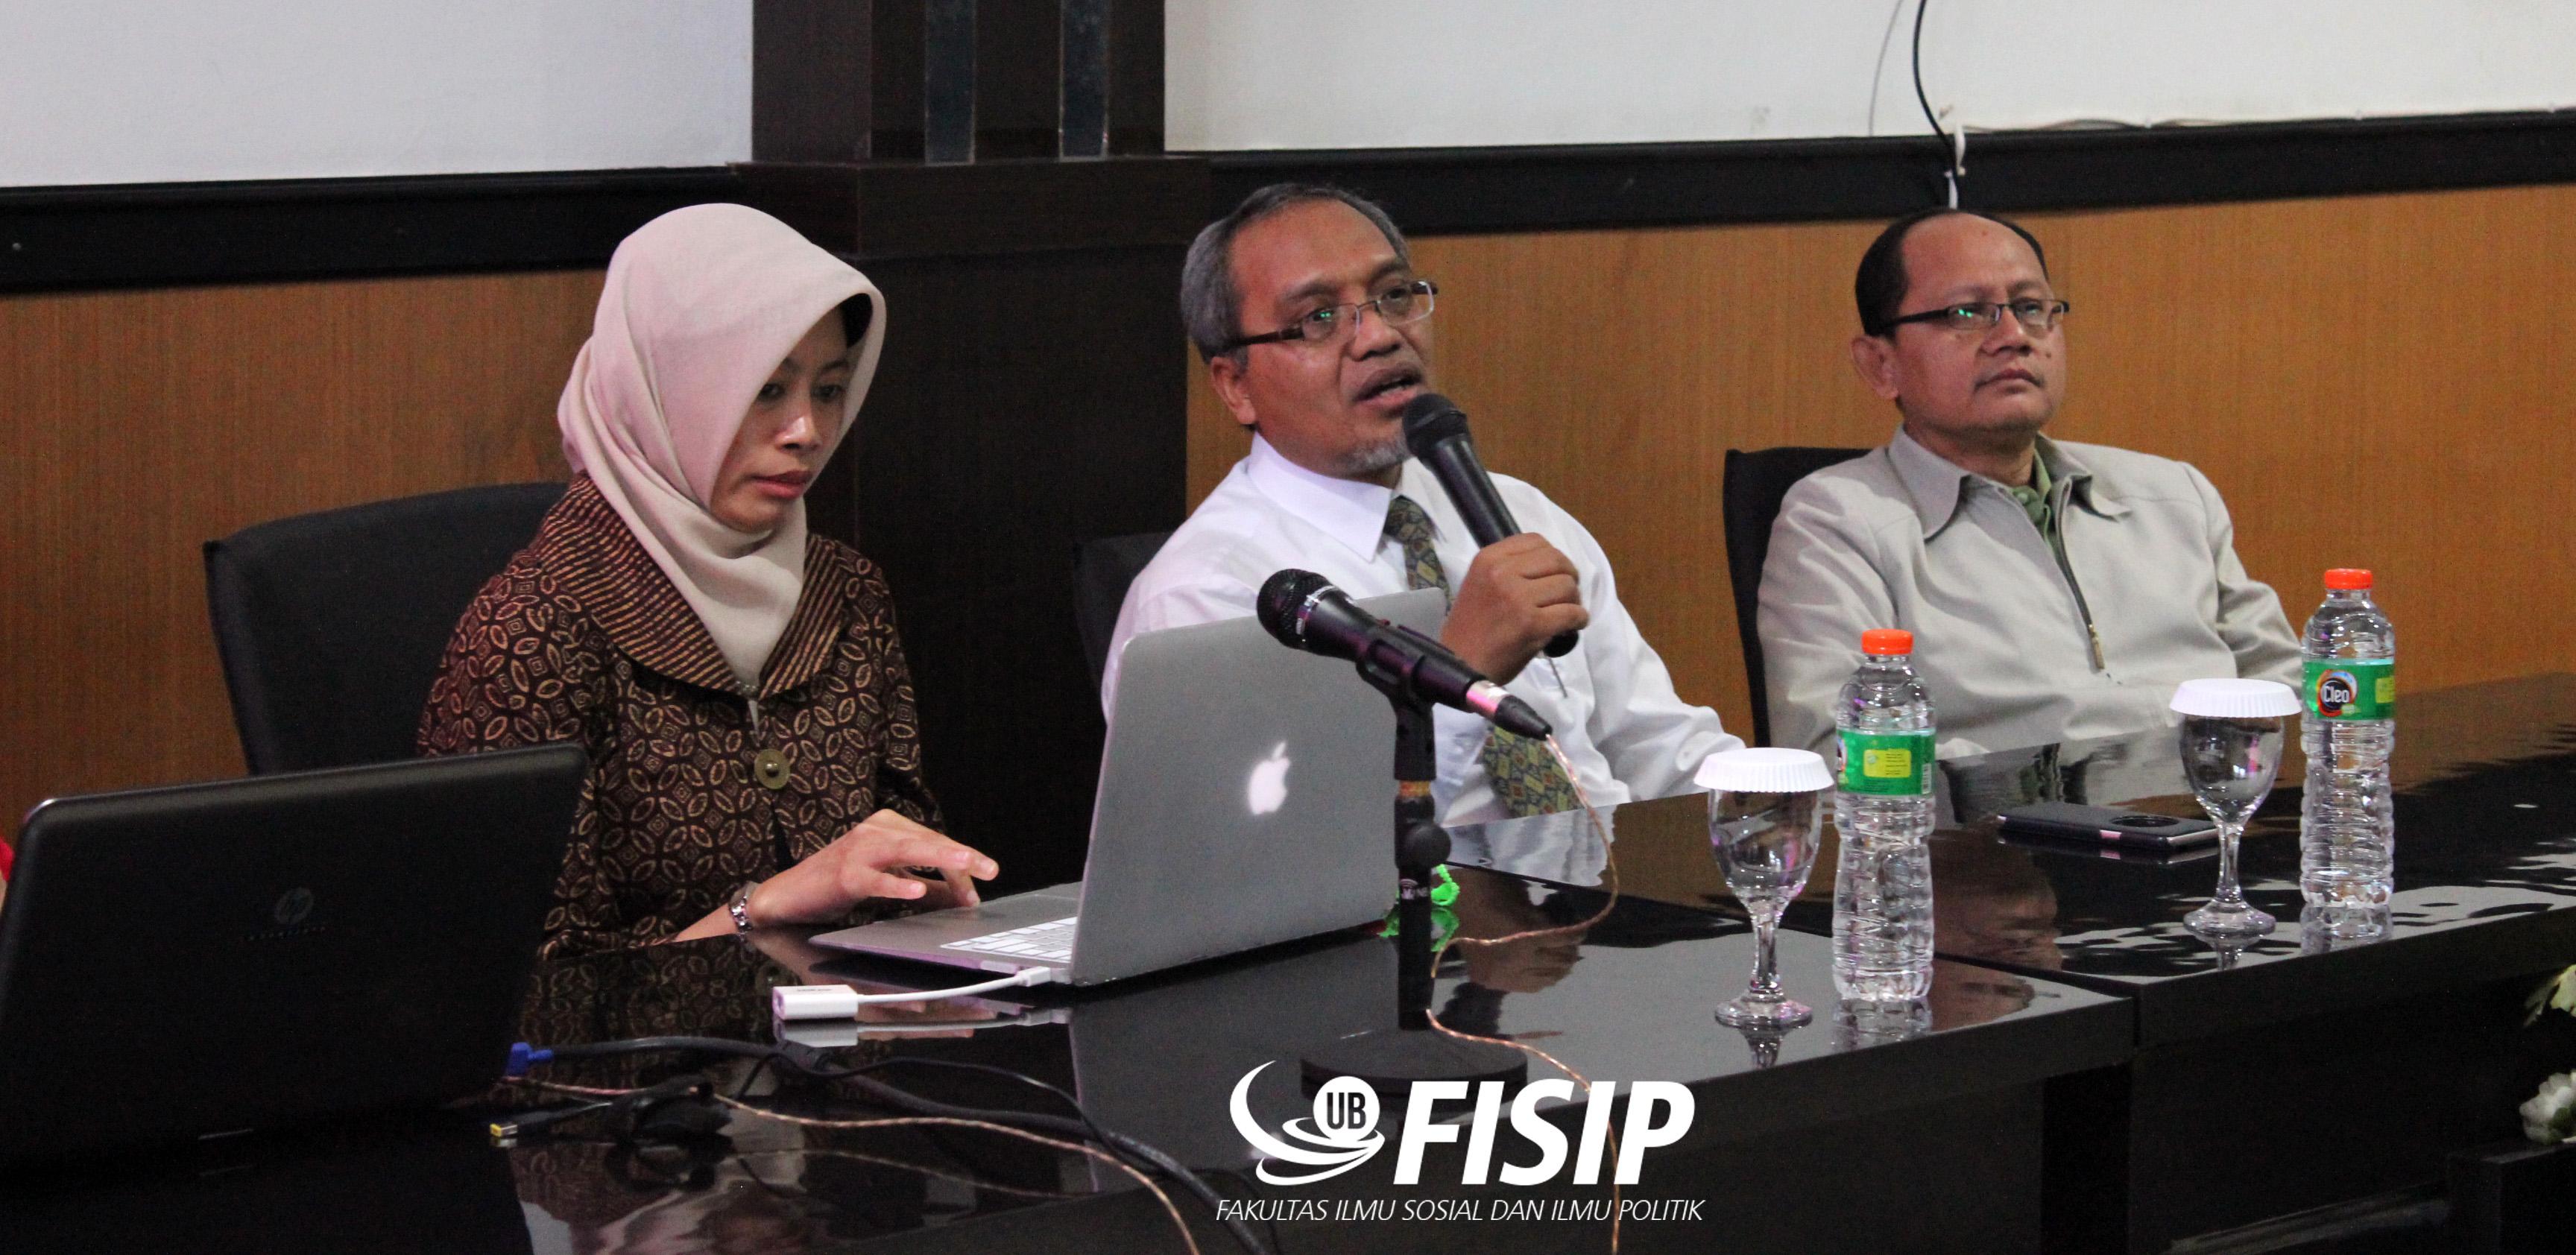 Fisip Undip Eratkan Persaudaraan Dengan Fisip Ub Fakultas Ilmu